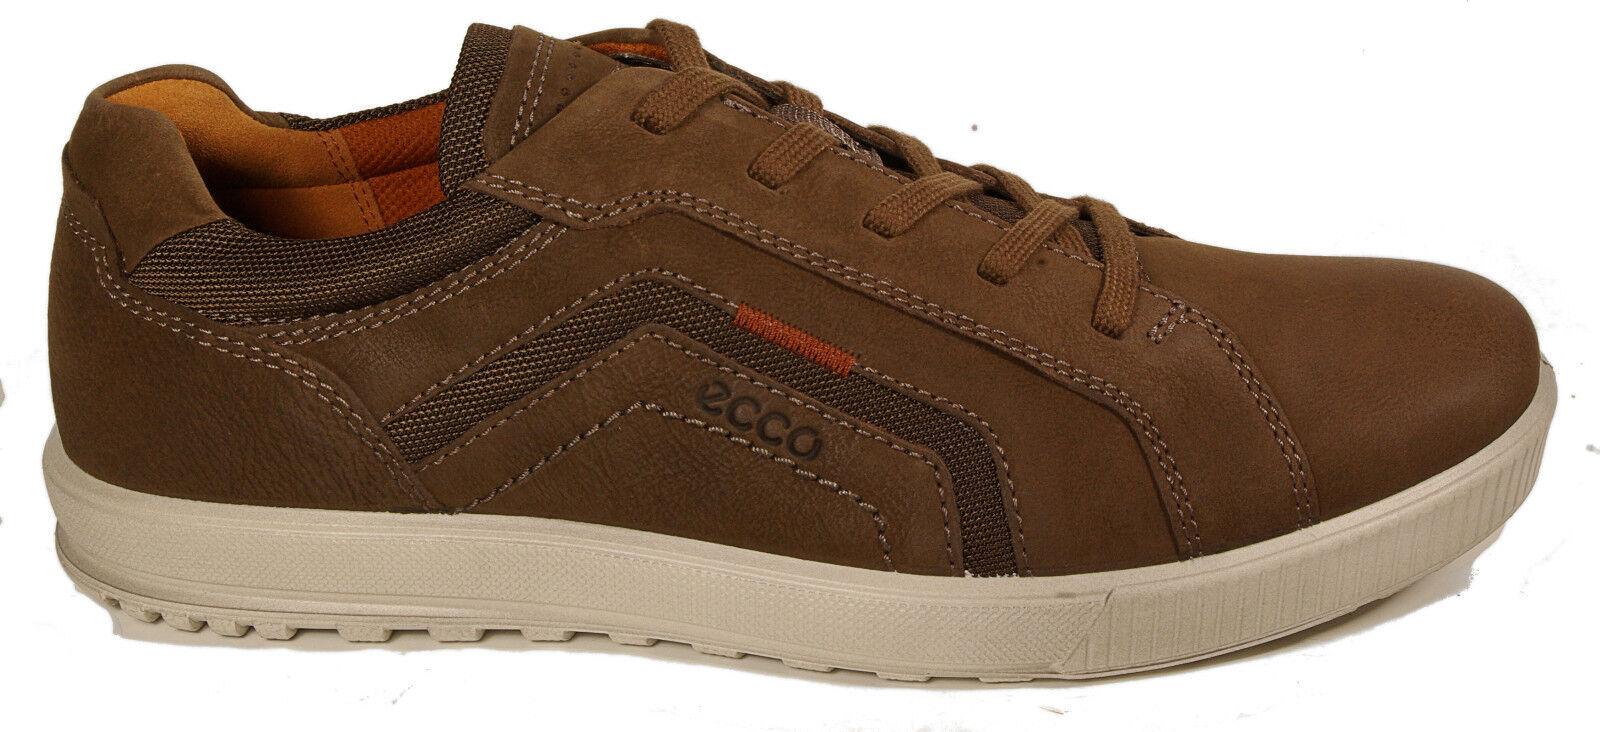 ECCO Schuhe Halbschuhe Modell ENNIO braun Leder Schnürschuhe Wechselfußbett NEU